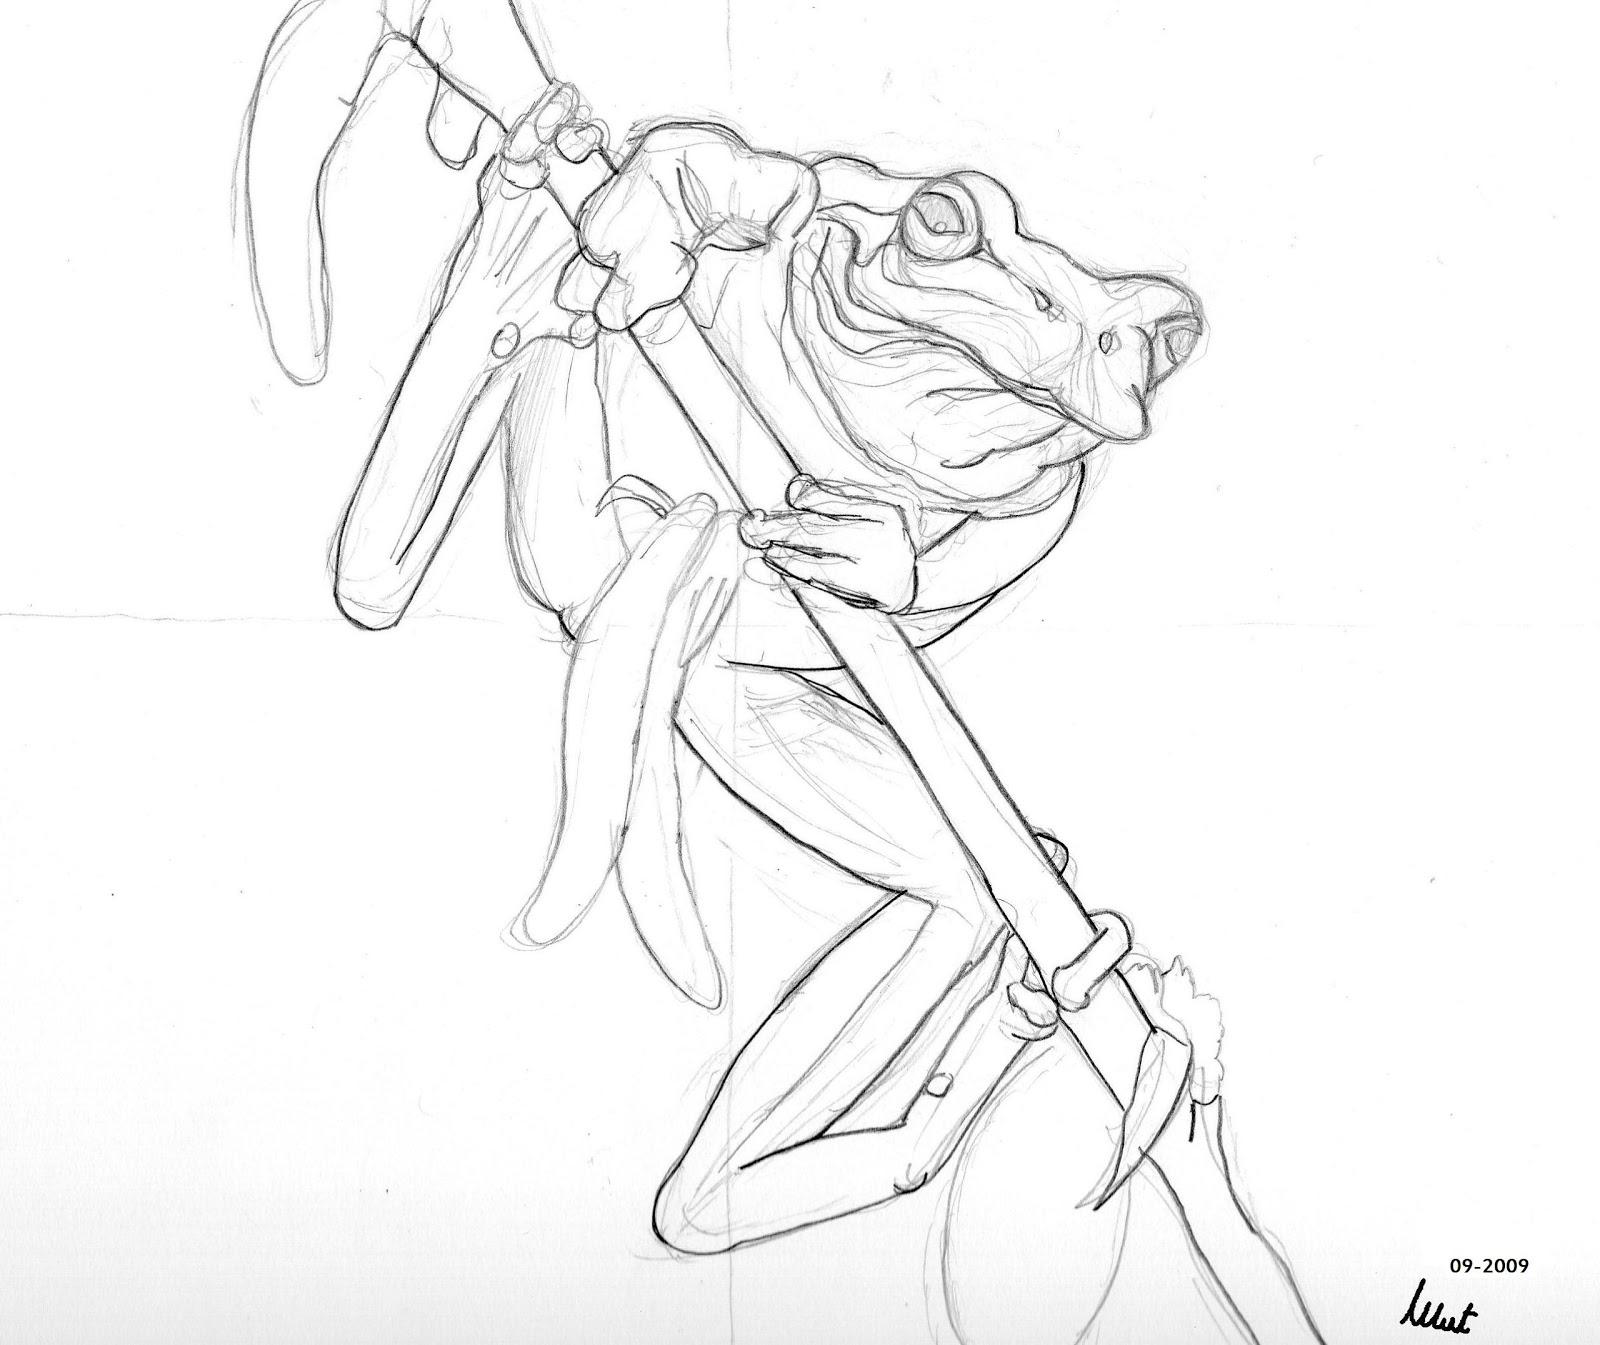 Arte Nadsat: El dibujo a lápiz es esencial